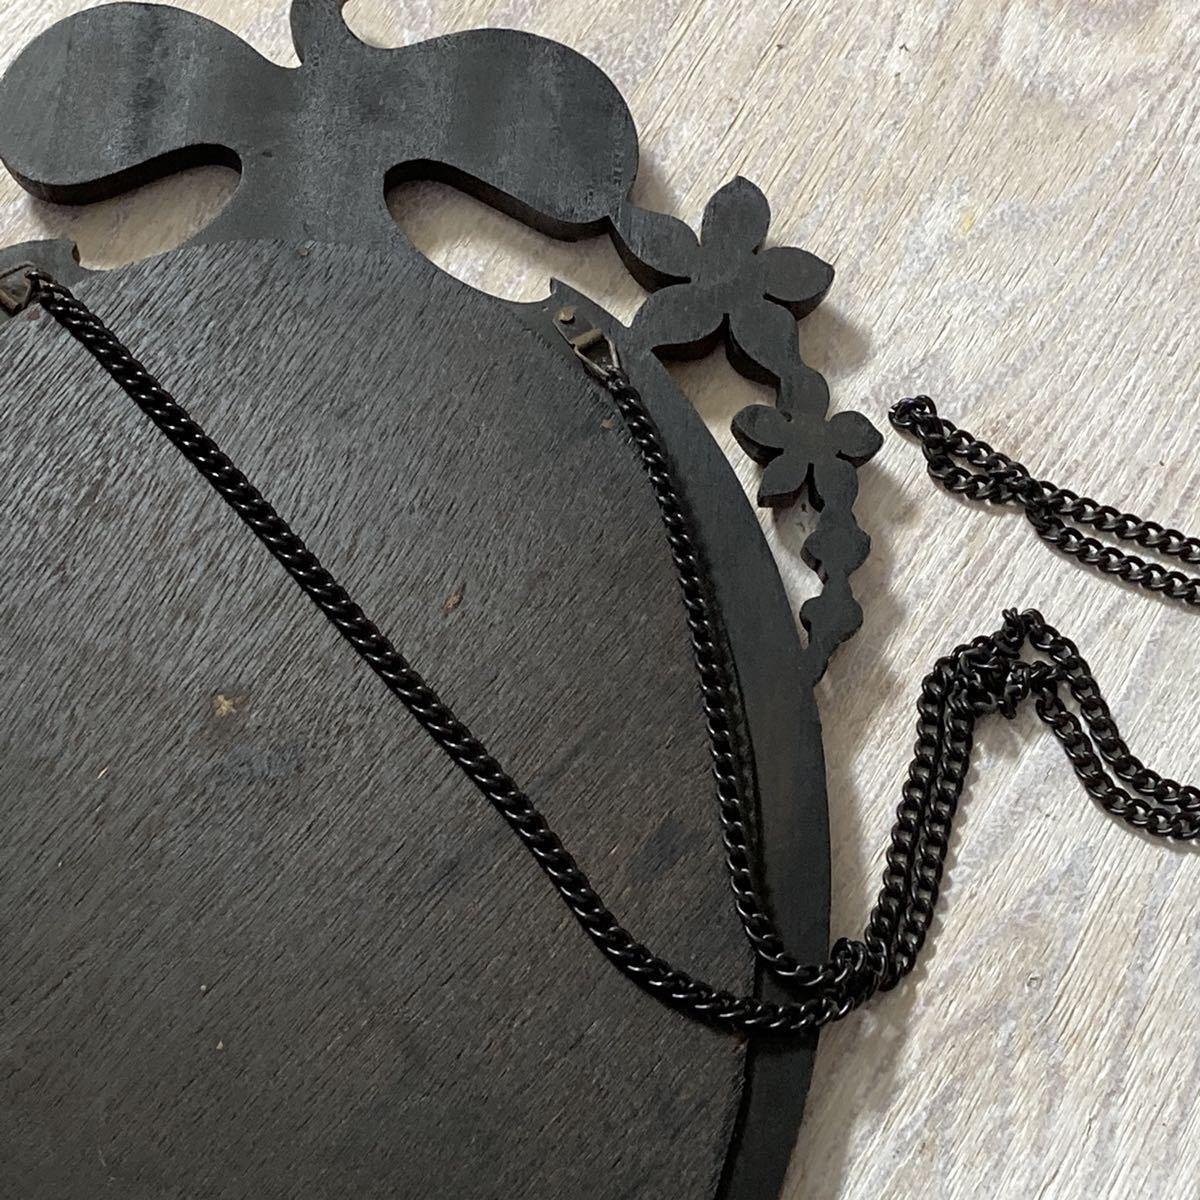 レトロ ウォールミラー ヴィンテージ 店舗什器 壁掛け鏡 ビンテージ 昭和 ビンテージ ディスプレイ 古民家_画像5